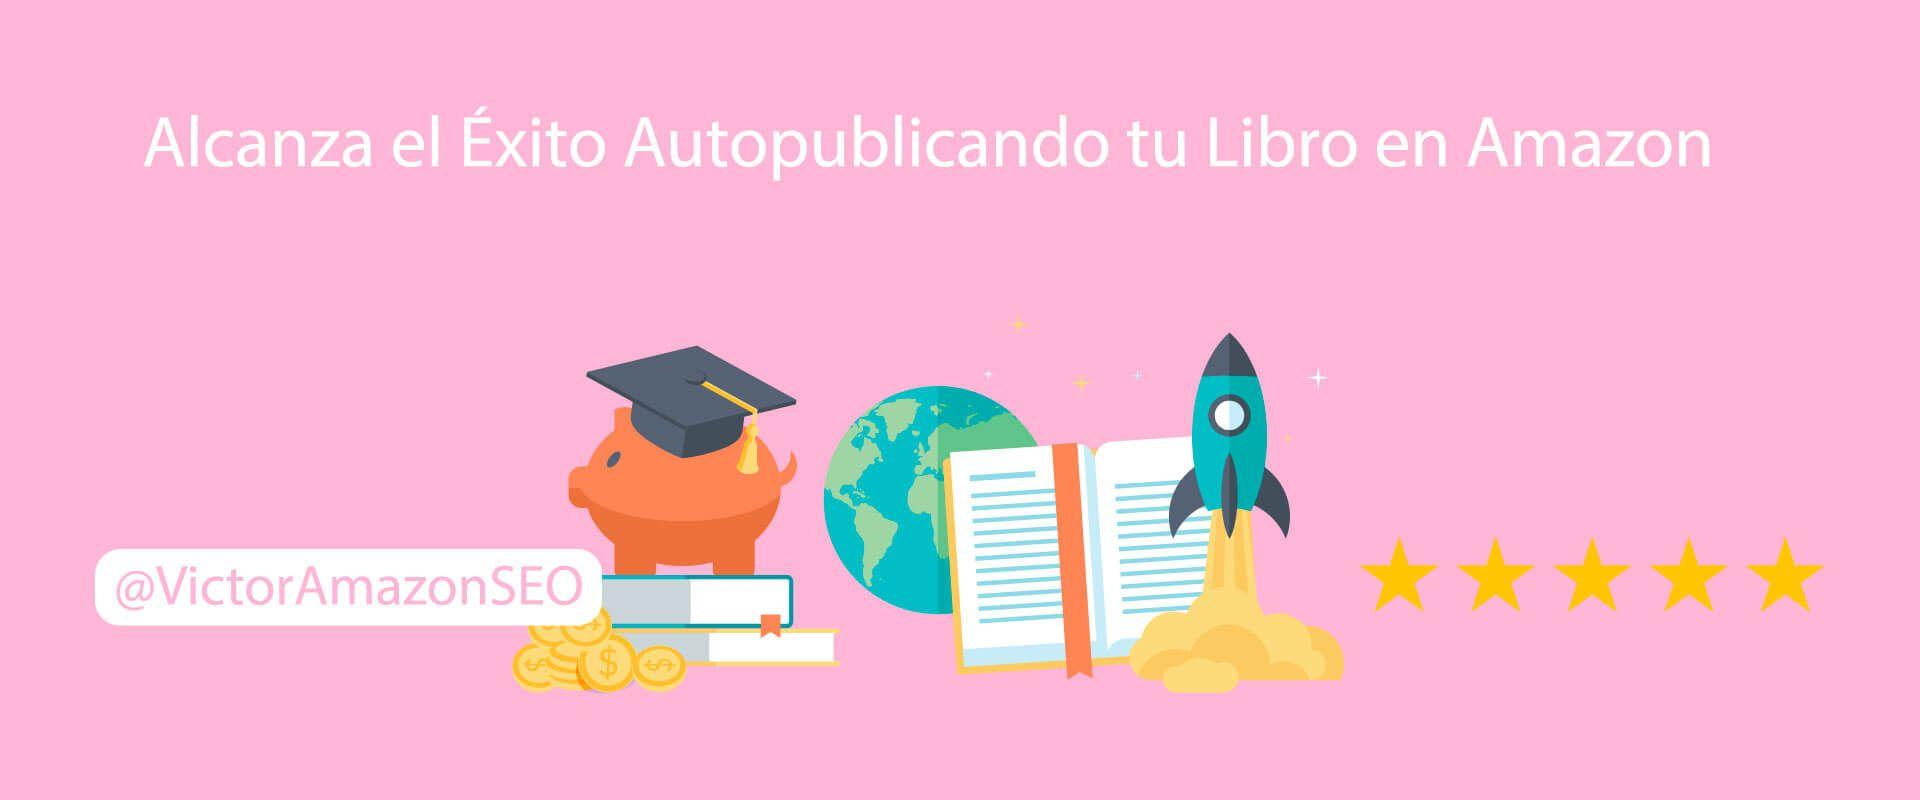 ¿Cómo publicar un libro en Amazon y conseguir éxito?